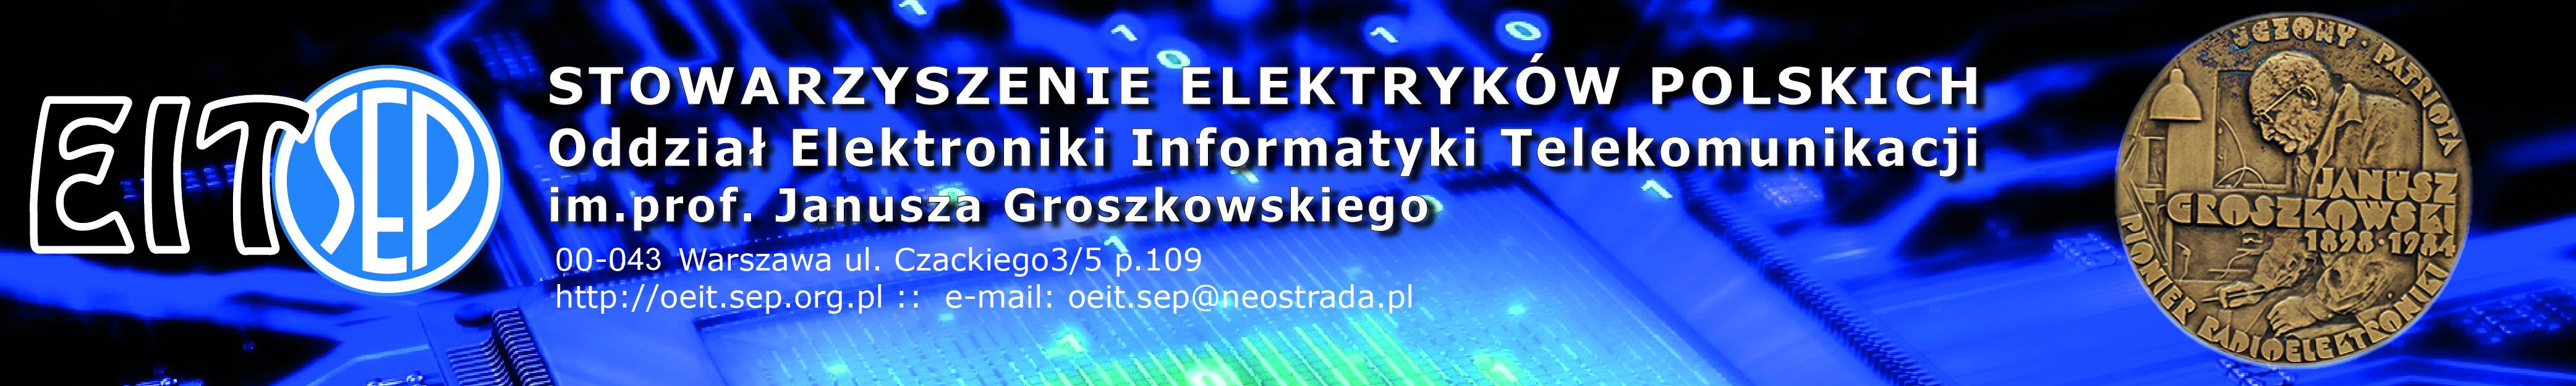 Oddział Elektroniki Informatyki Telekomunikacji